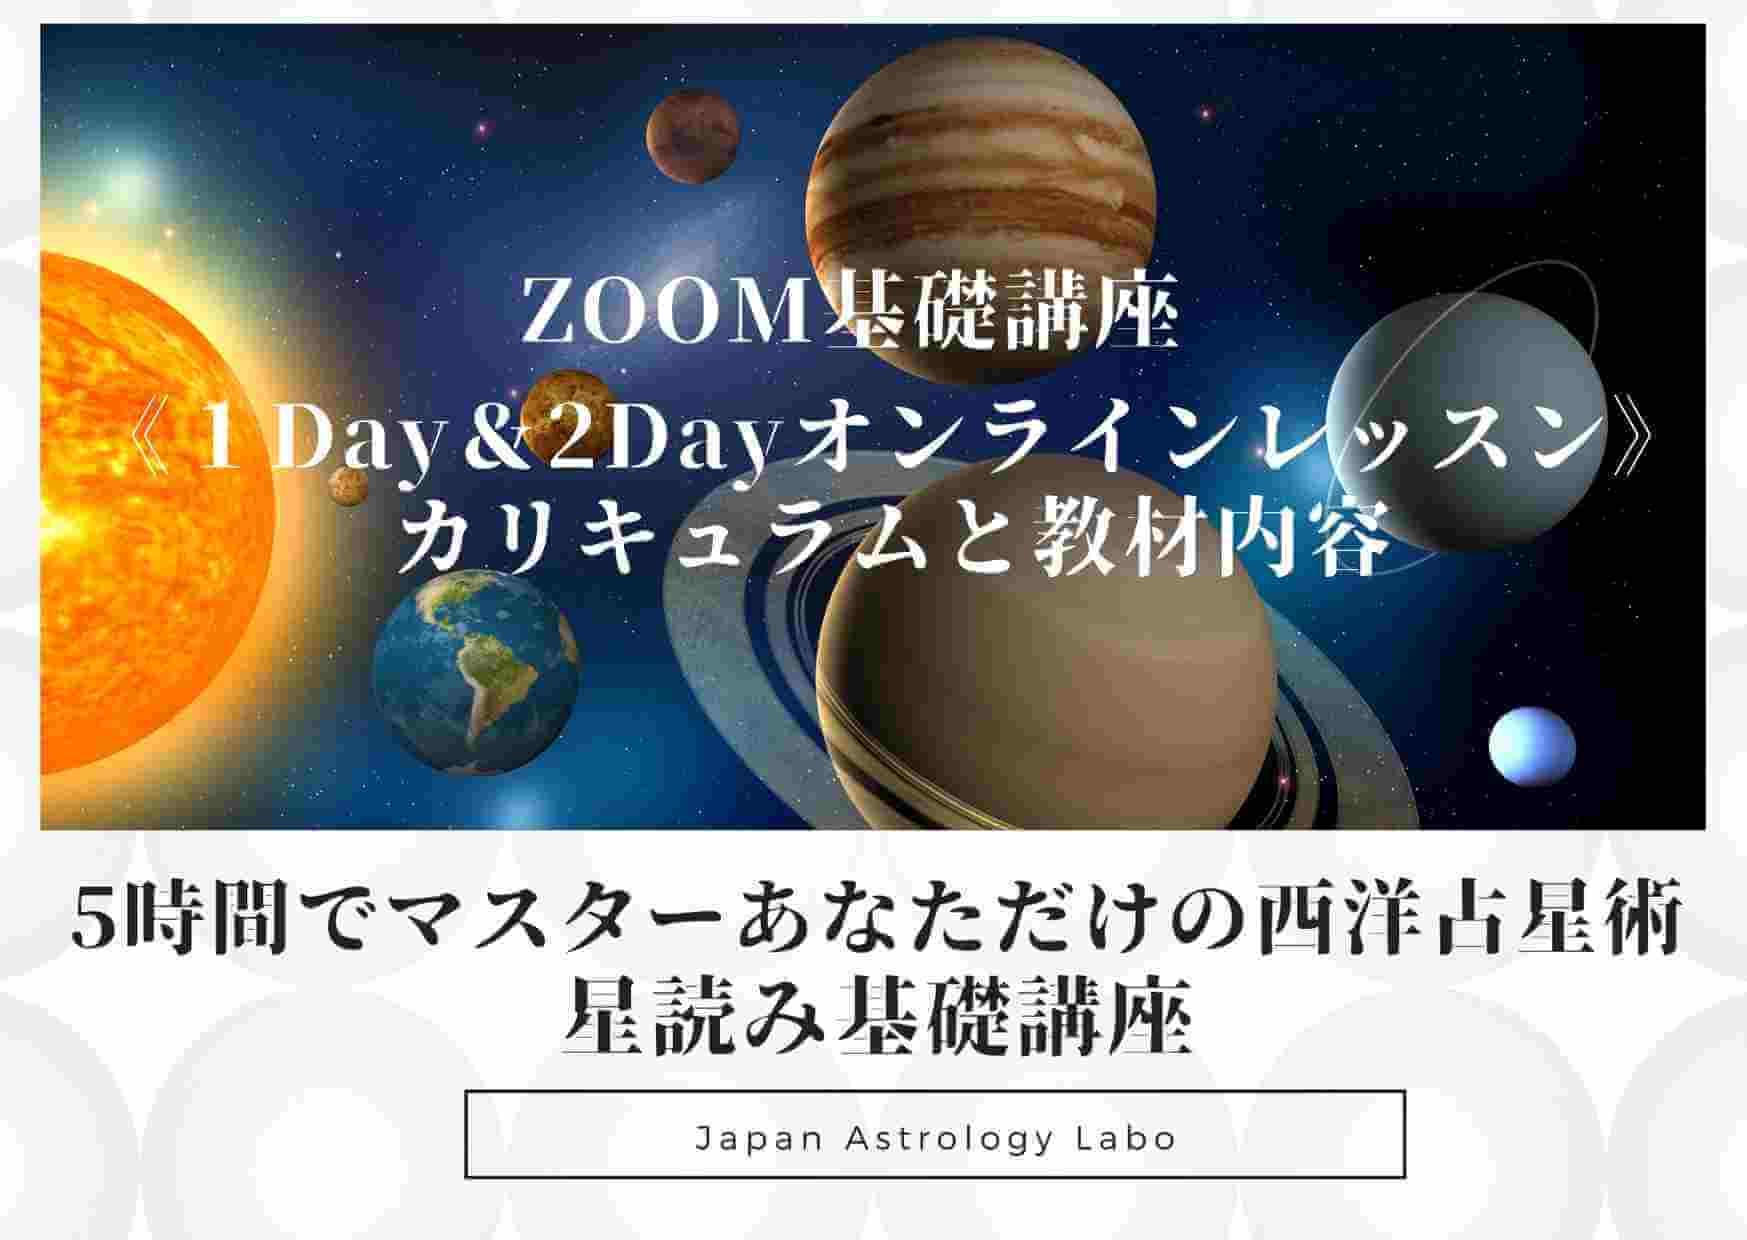 オンライン5時間でマスターあなただけの西洋占星術星読み基礎講座